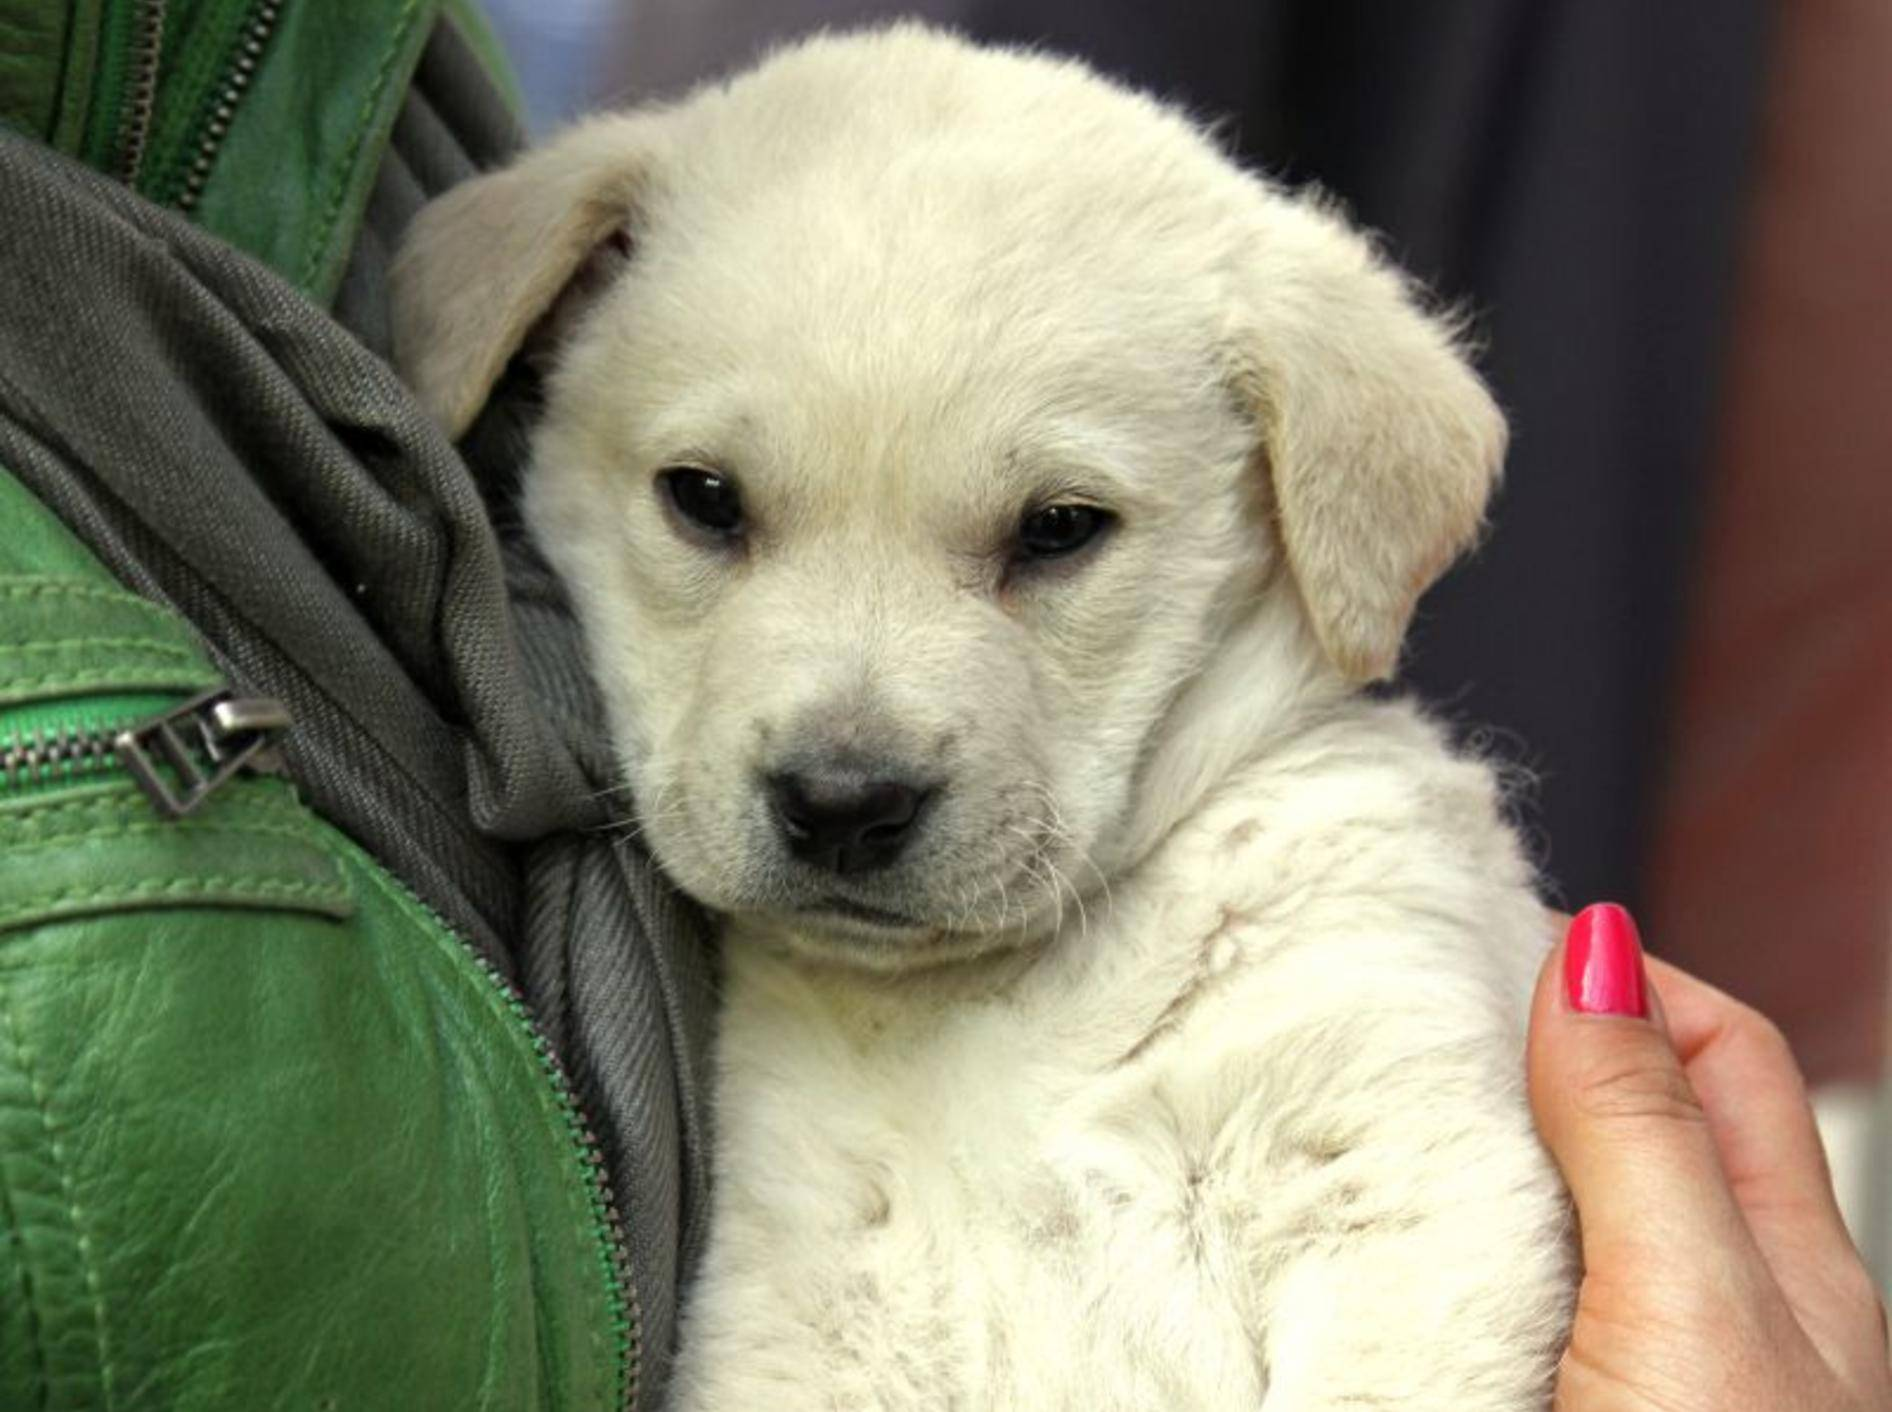 Vor einem aufregenden Tierarztbesuch können Bachblüten helfen — Bild: Shutterstock / Ttatty